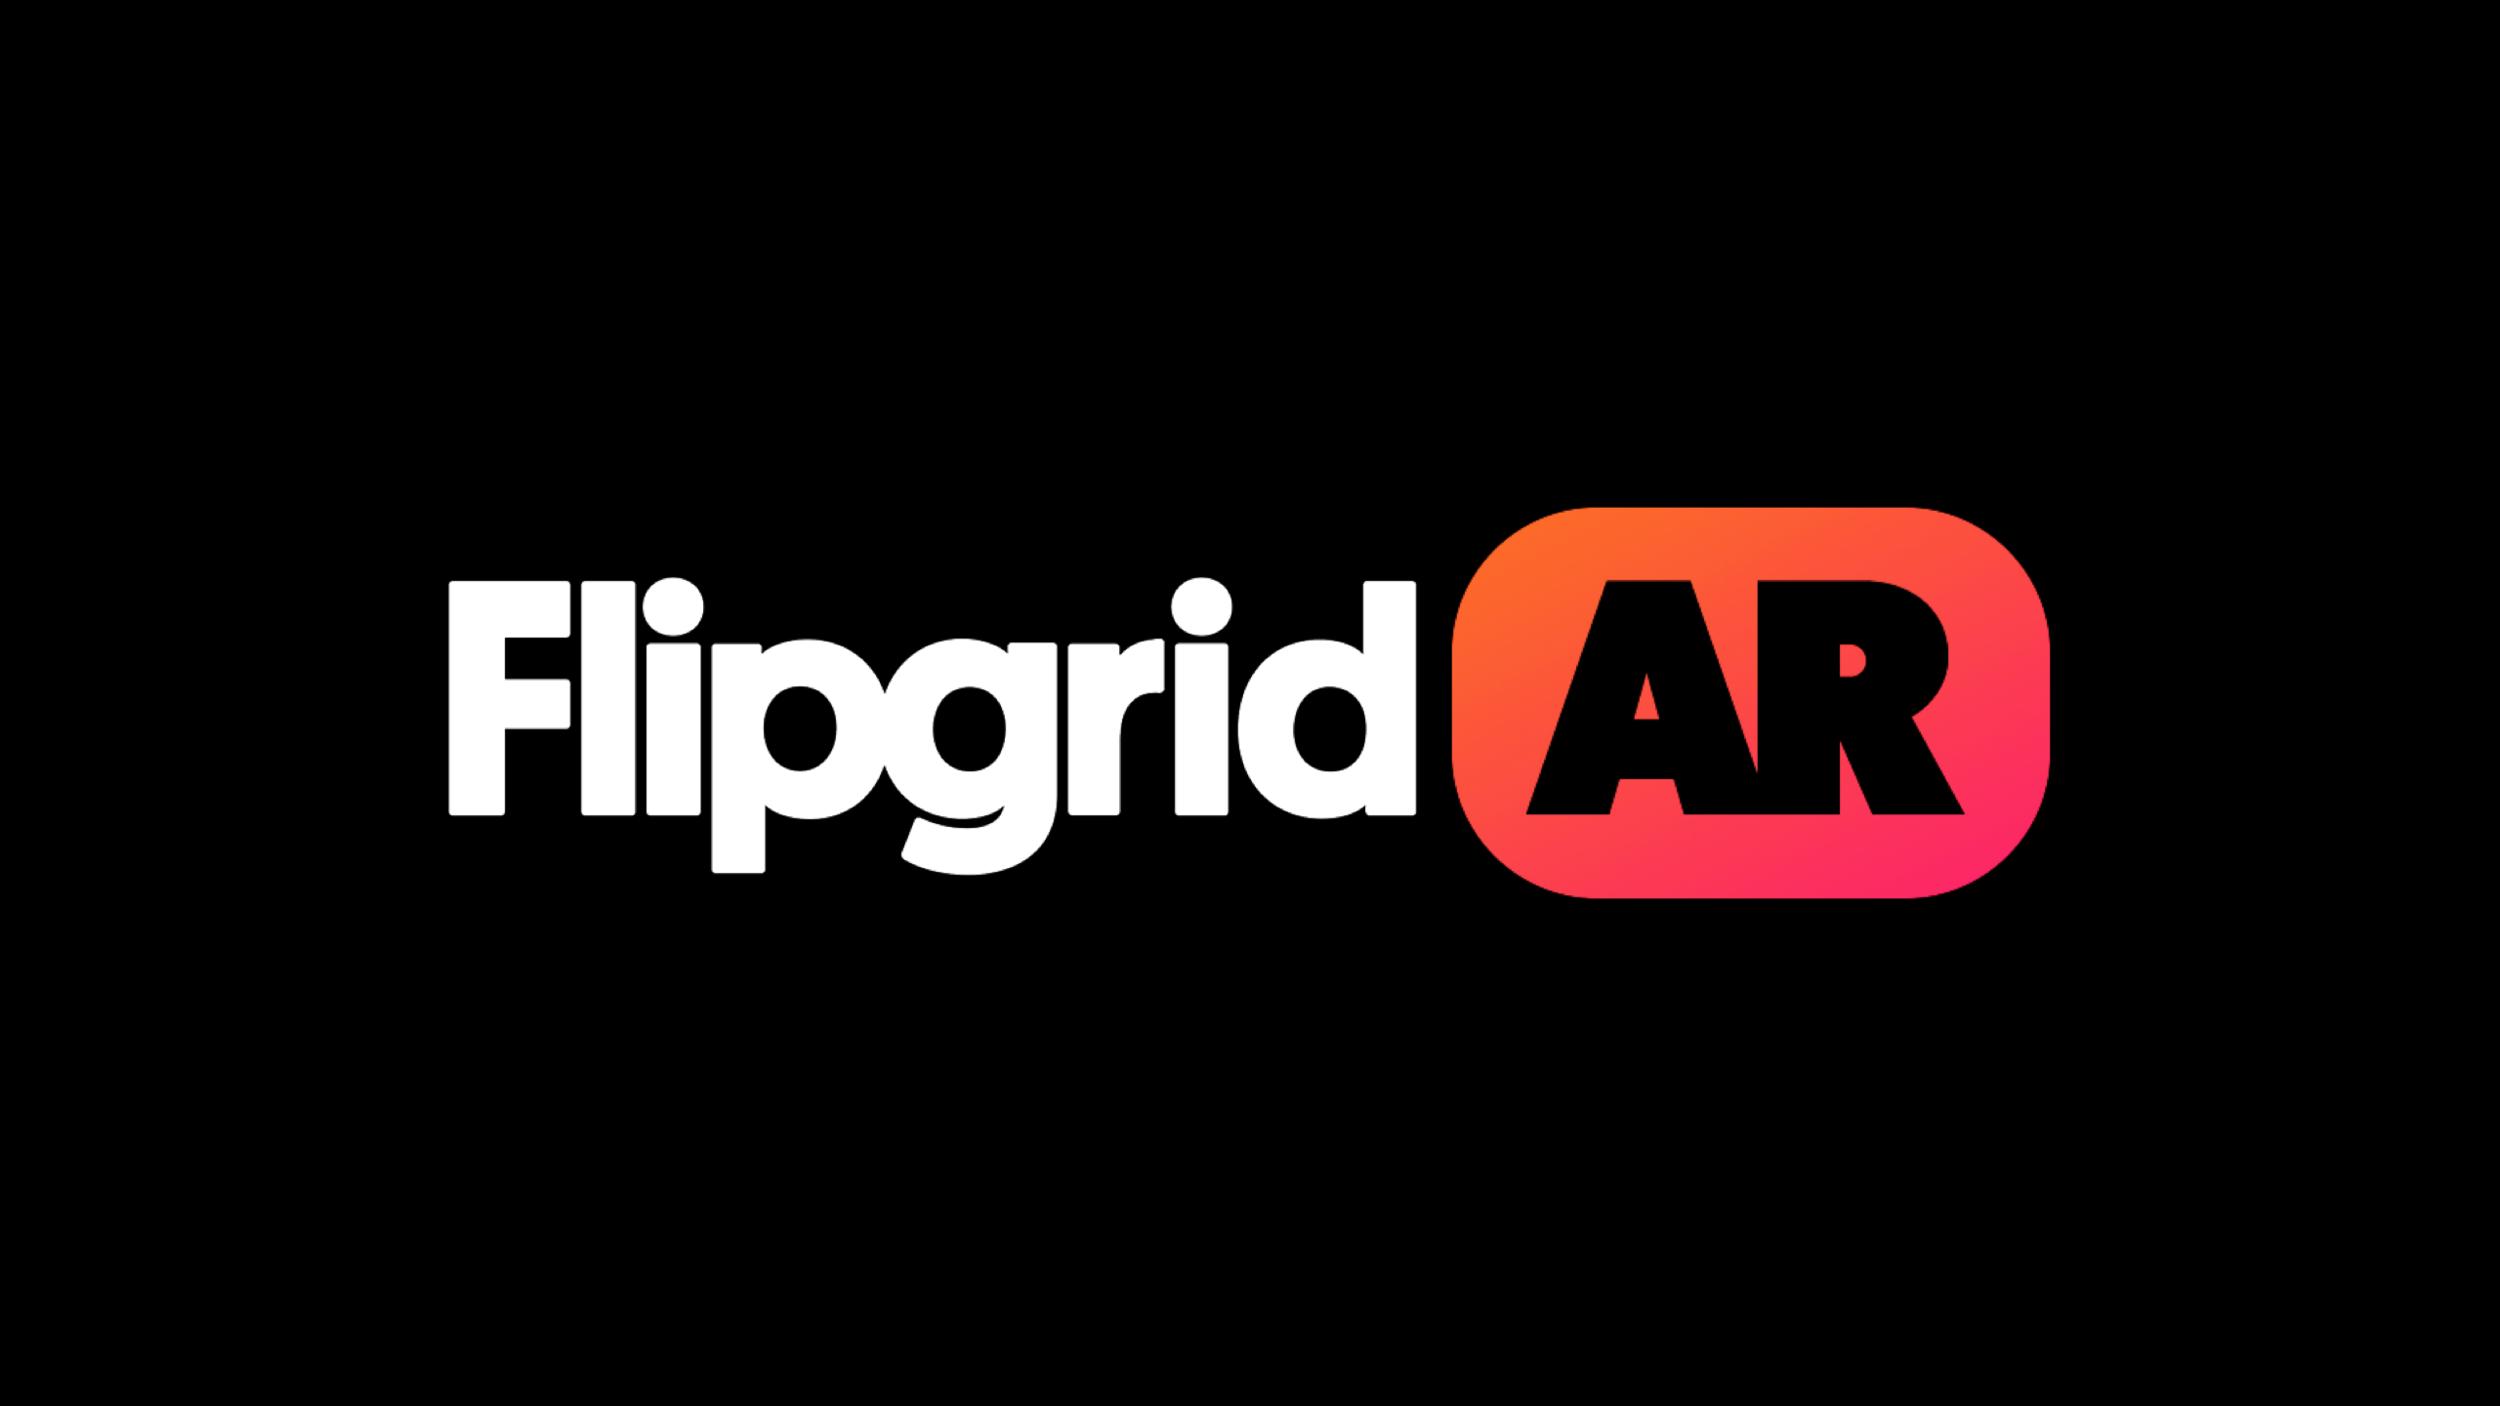 09_FlipgridAR_Logo_Flipgrid_24June2019_FlipgridLIVE_Annoucement.png